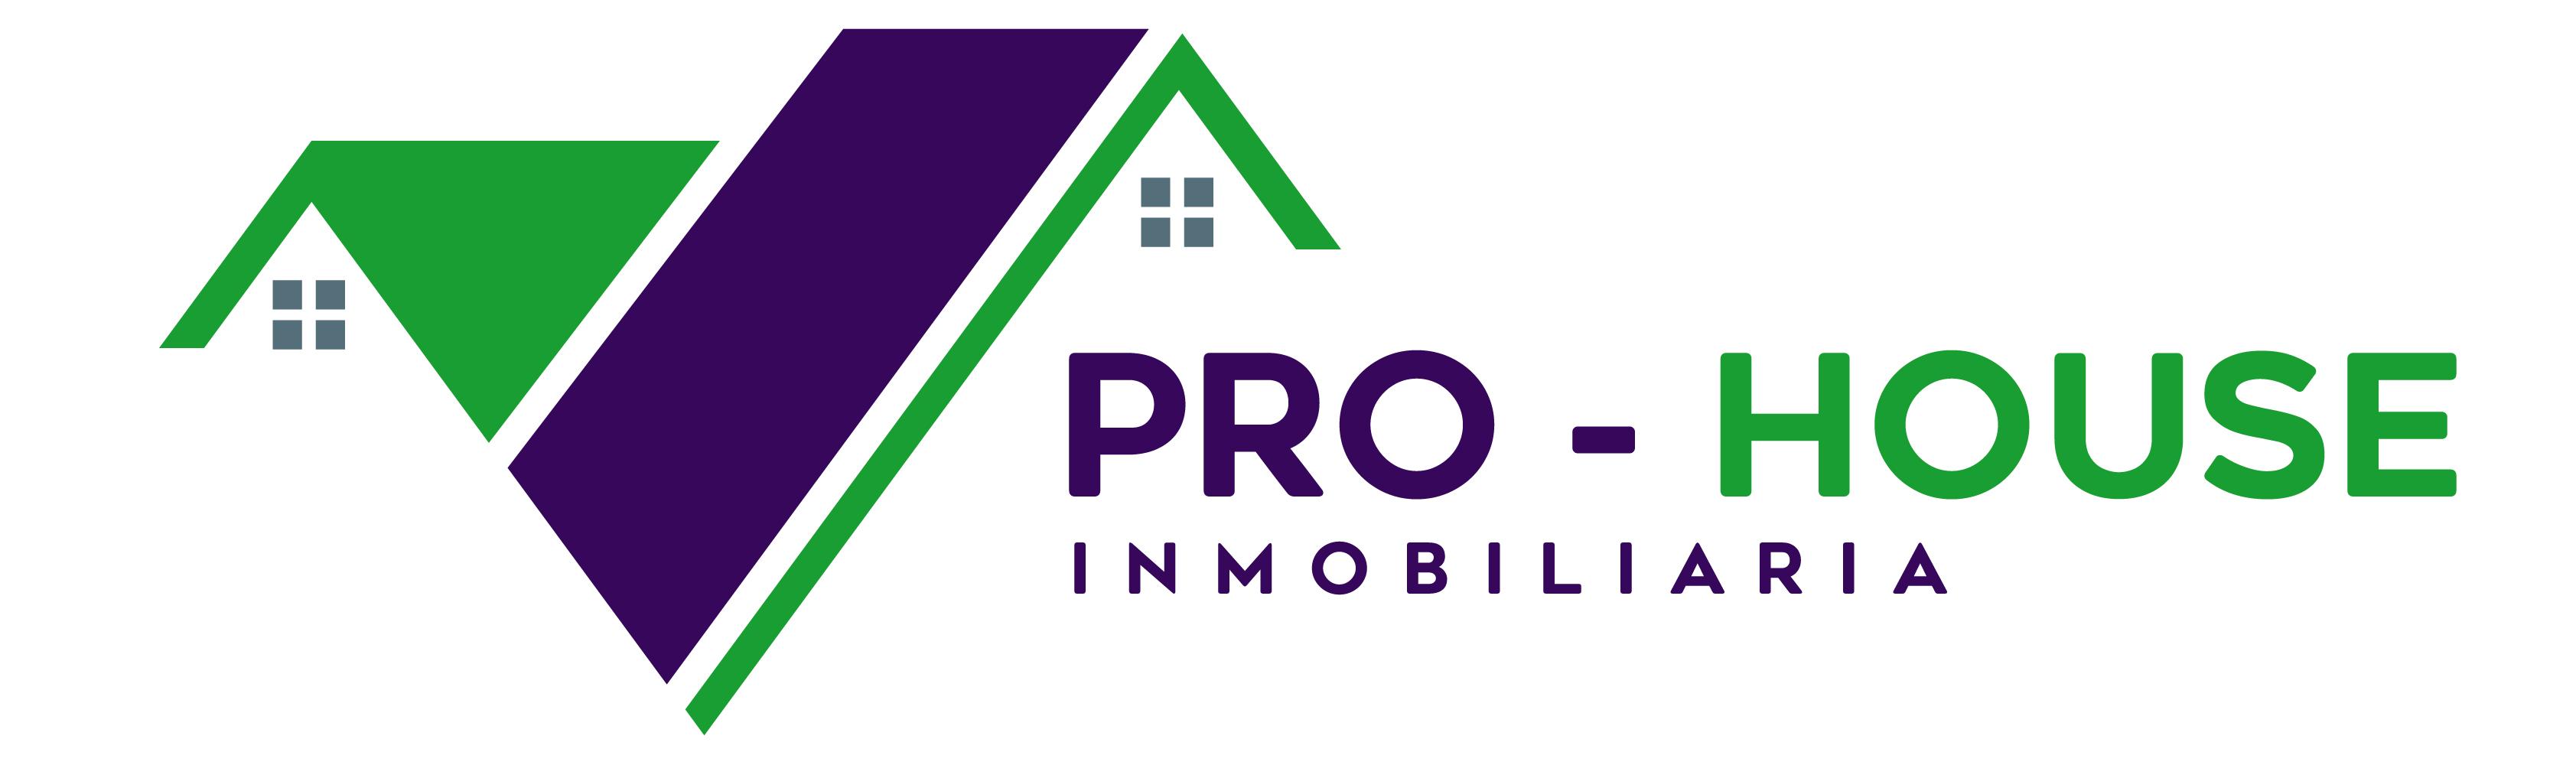 PRO-HOUSE INMOBILIARIA